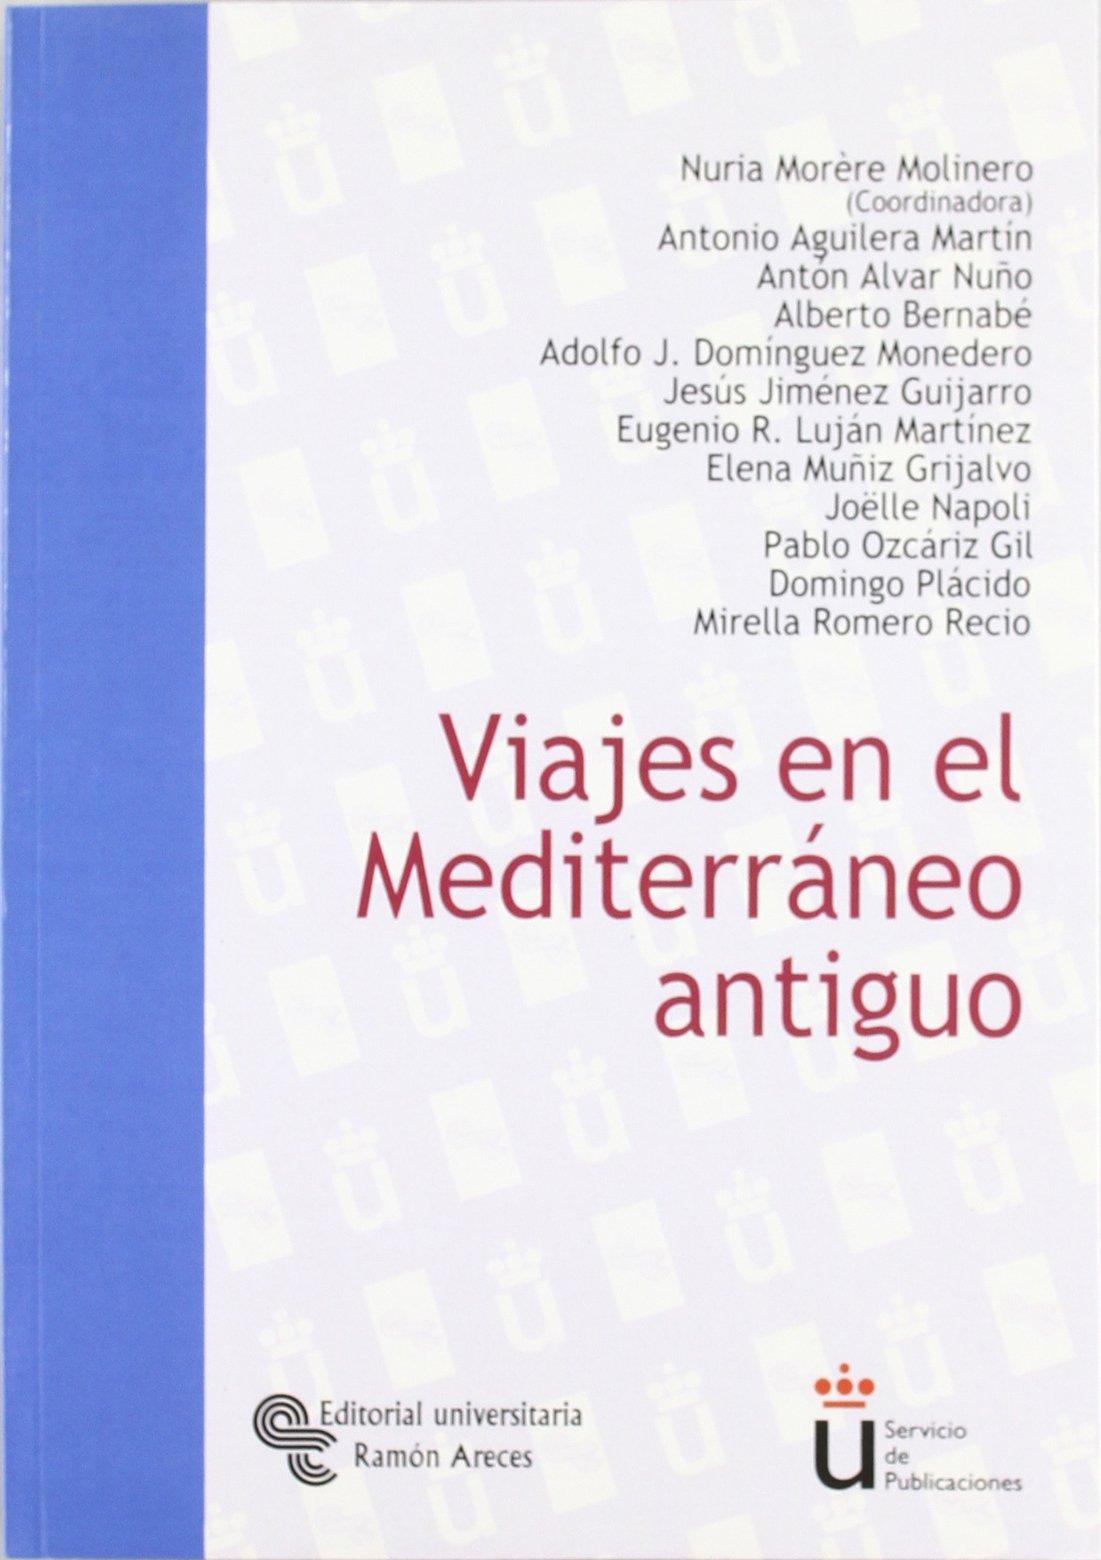 Viajes en el Mediterráneo antiguo (Universidad Rey Juan Carlos) Tapa blanda – 27 jul 2009 Nuria Morère Molinero Antonio Aguilera Martín Antón Alvar Nuño Alberto Bernabé